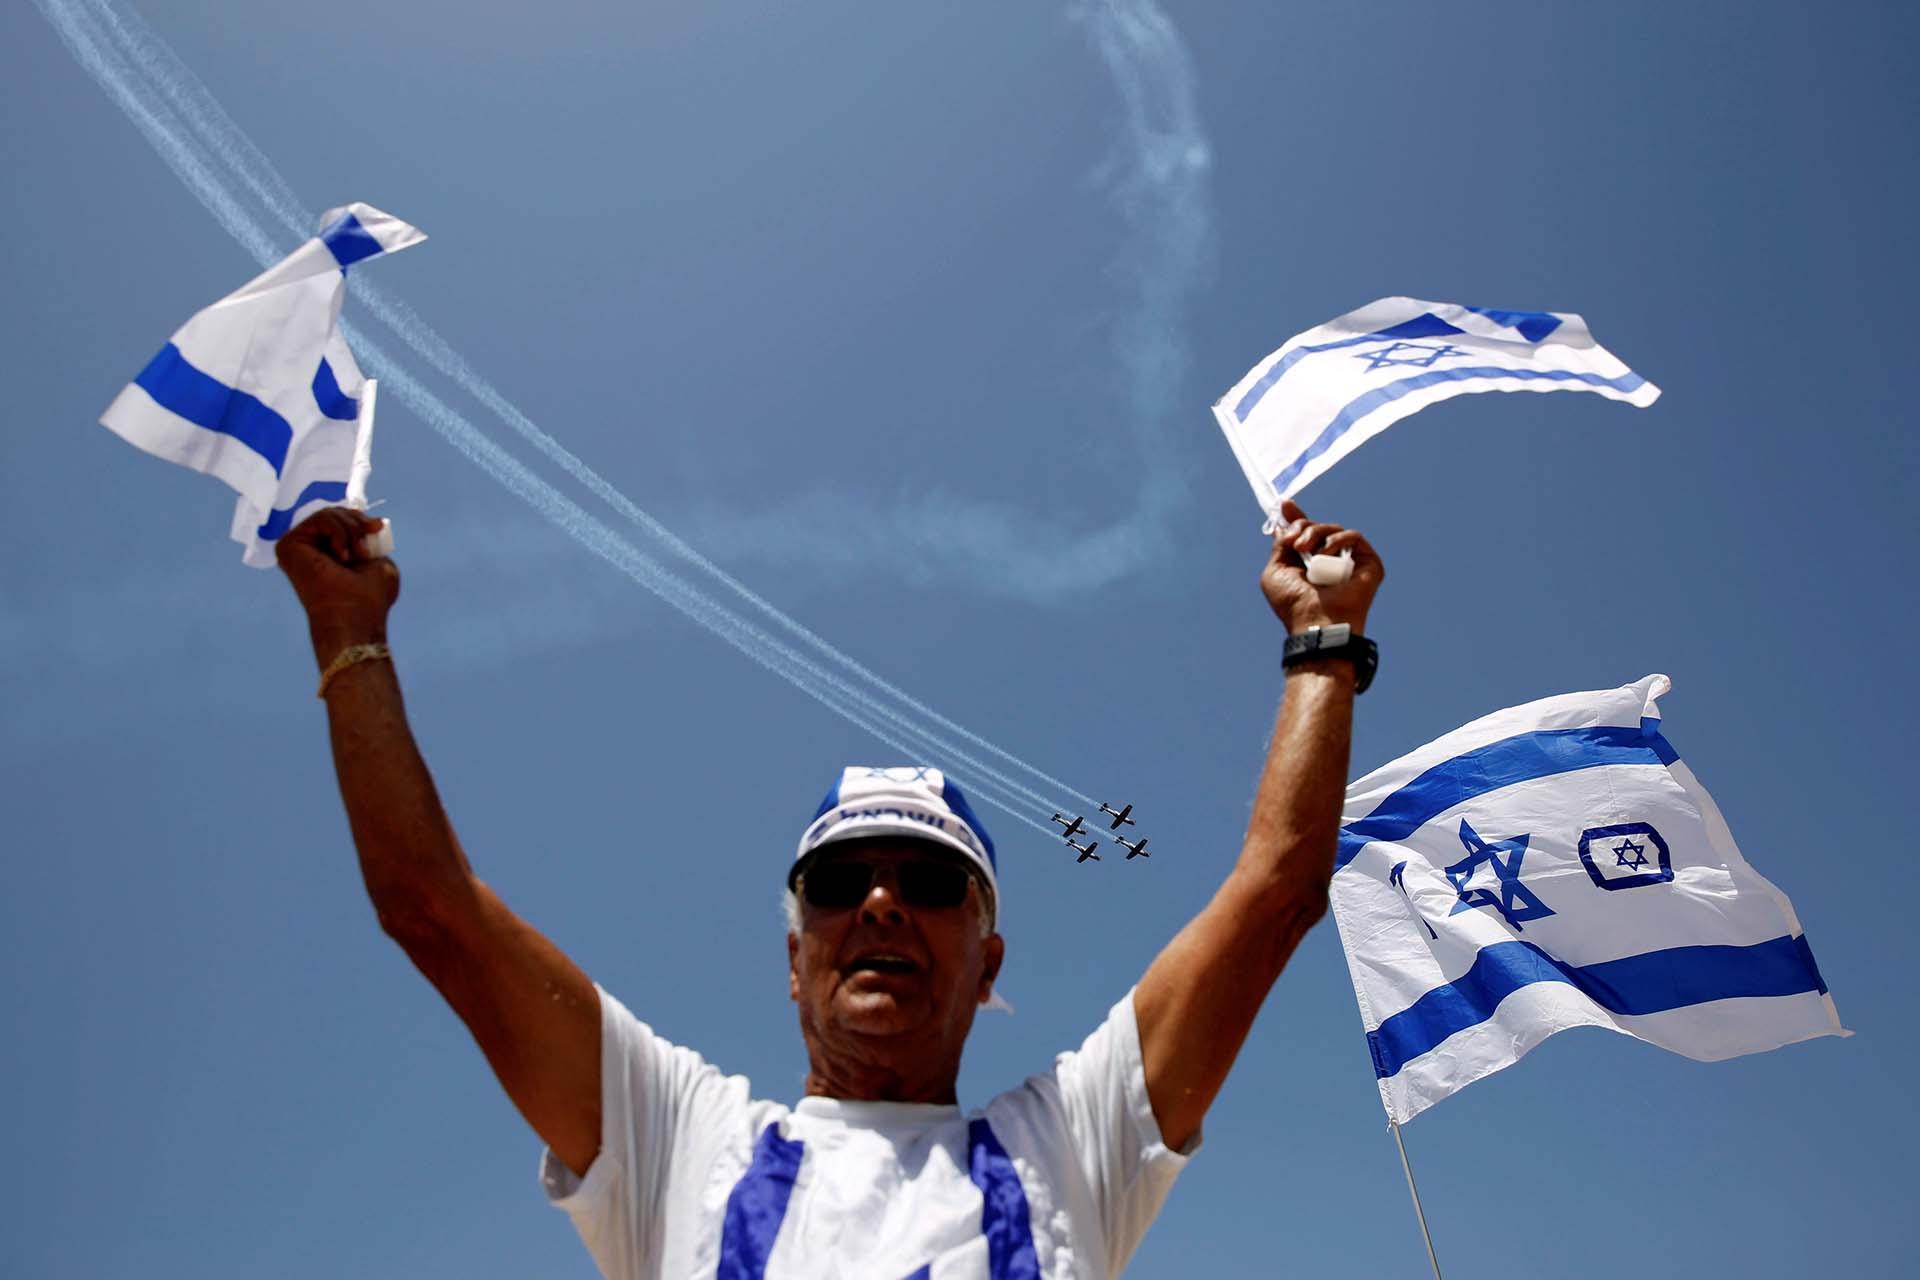 Un hombre flamea las banderas de Israel, mientras en las alturas sobrevuelan cuatro aviones militares (REUTERS/Amir Cohen)